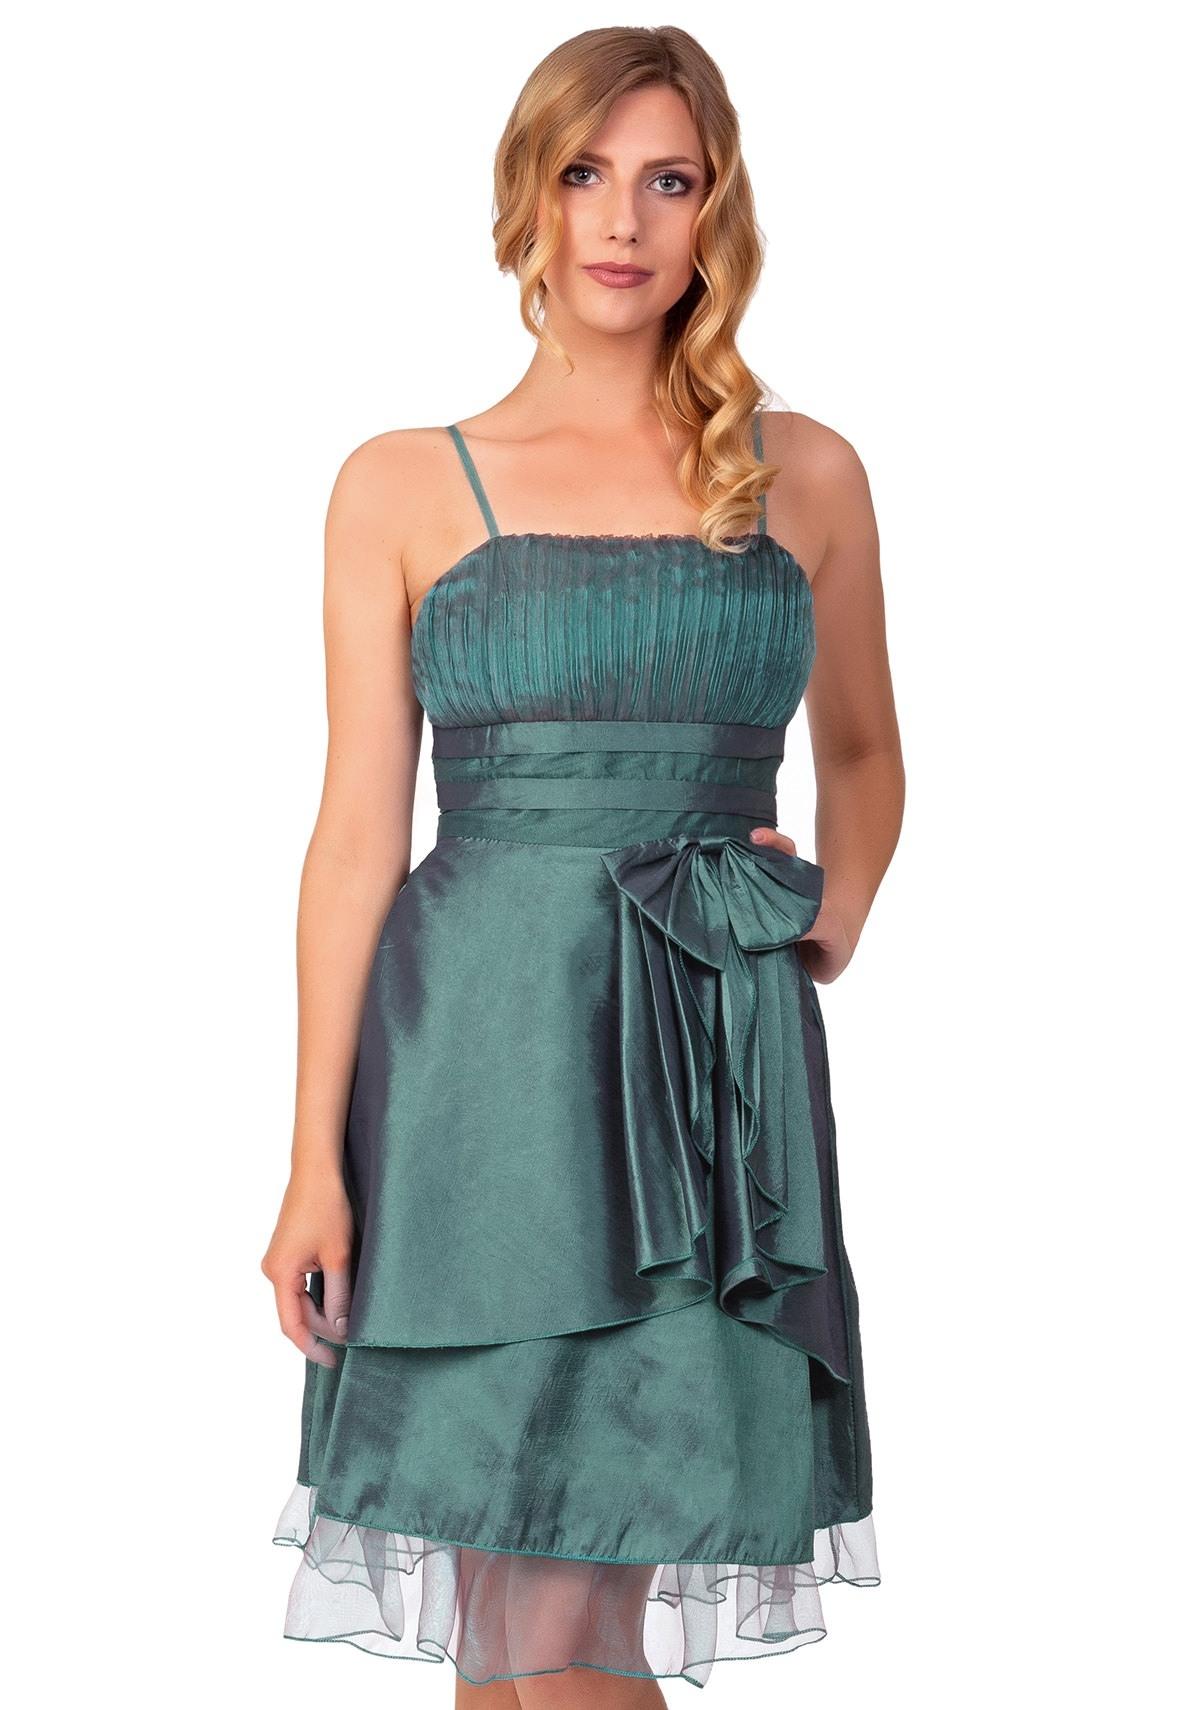 15 Fantastisch Festliches Kleid 48 DesignAbend Kreativ Festliches Kleid 48 Spezialgebiet